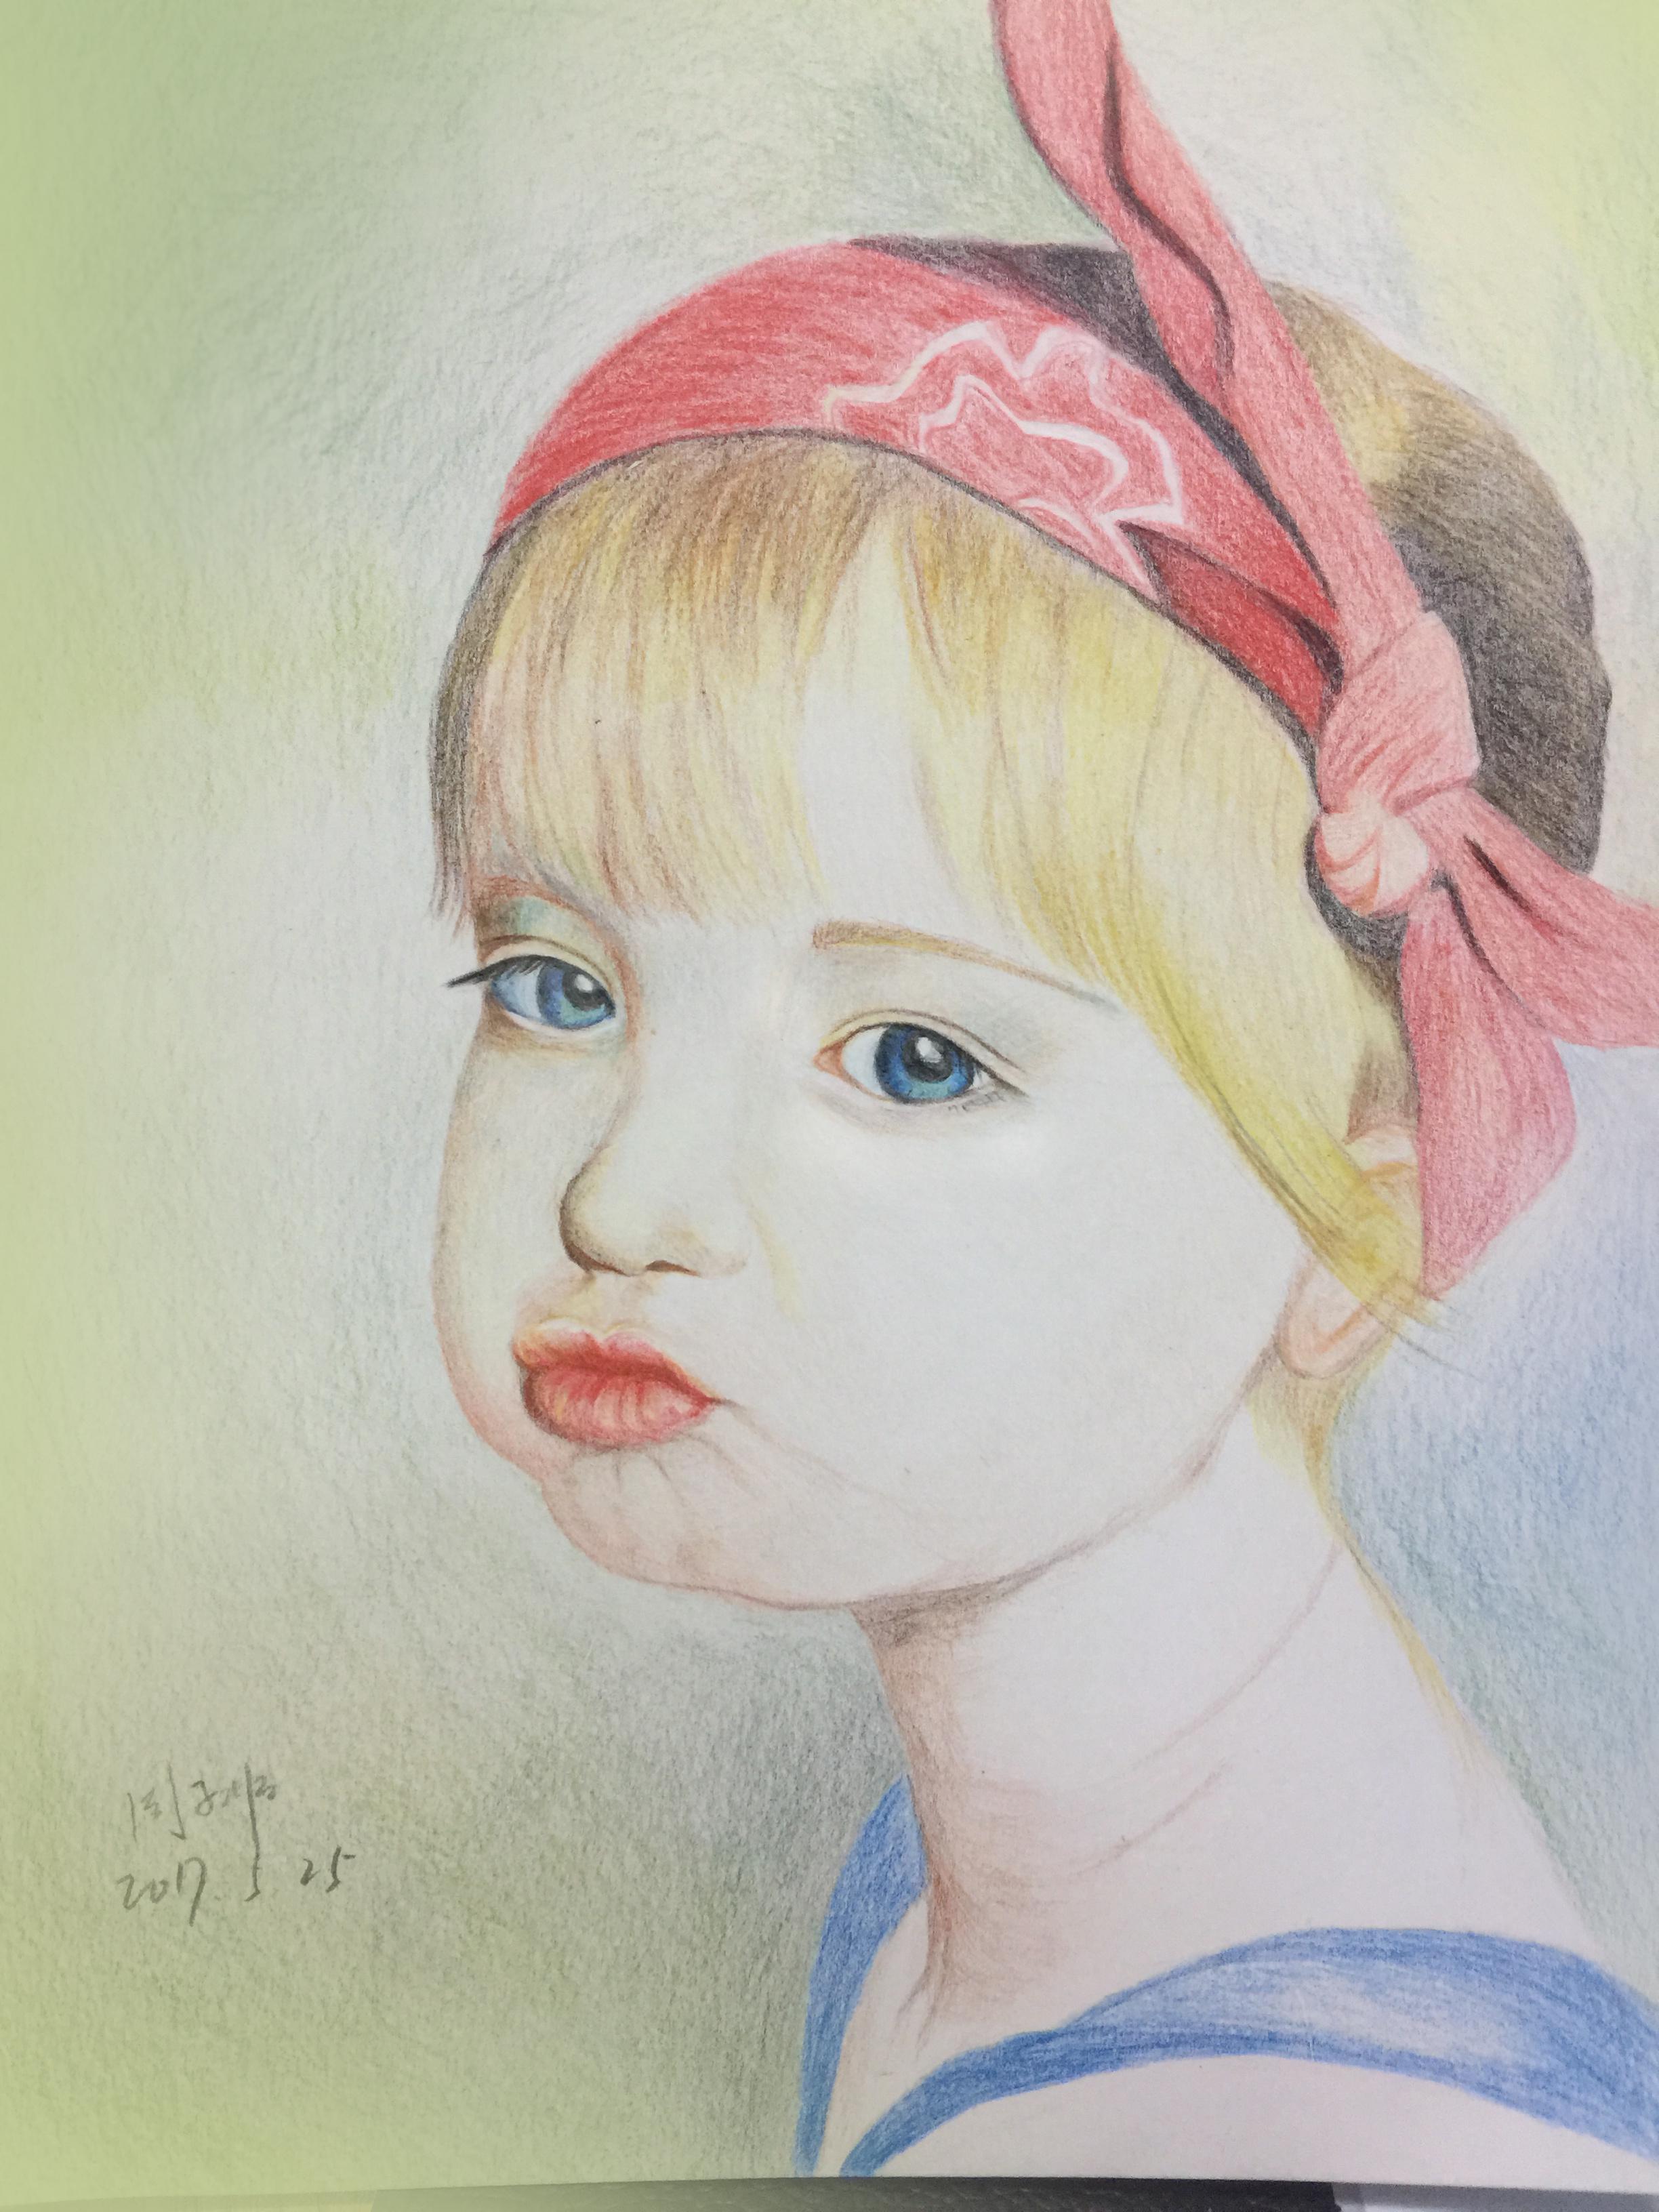 手绘小女孩|插画|涂鸦/潮流|vispoe - 原创作品